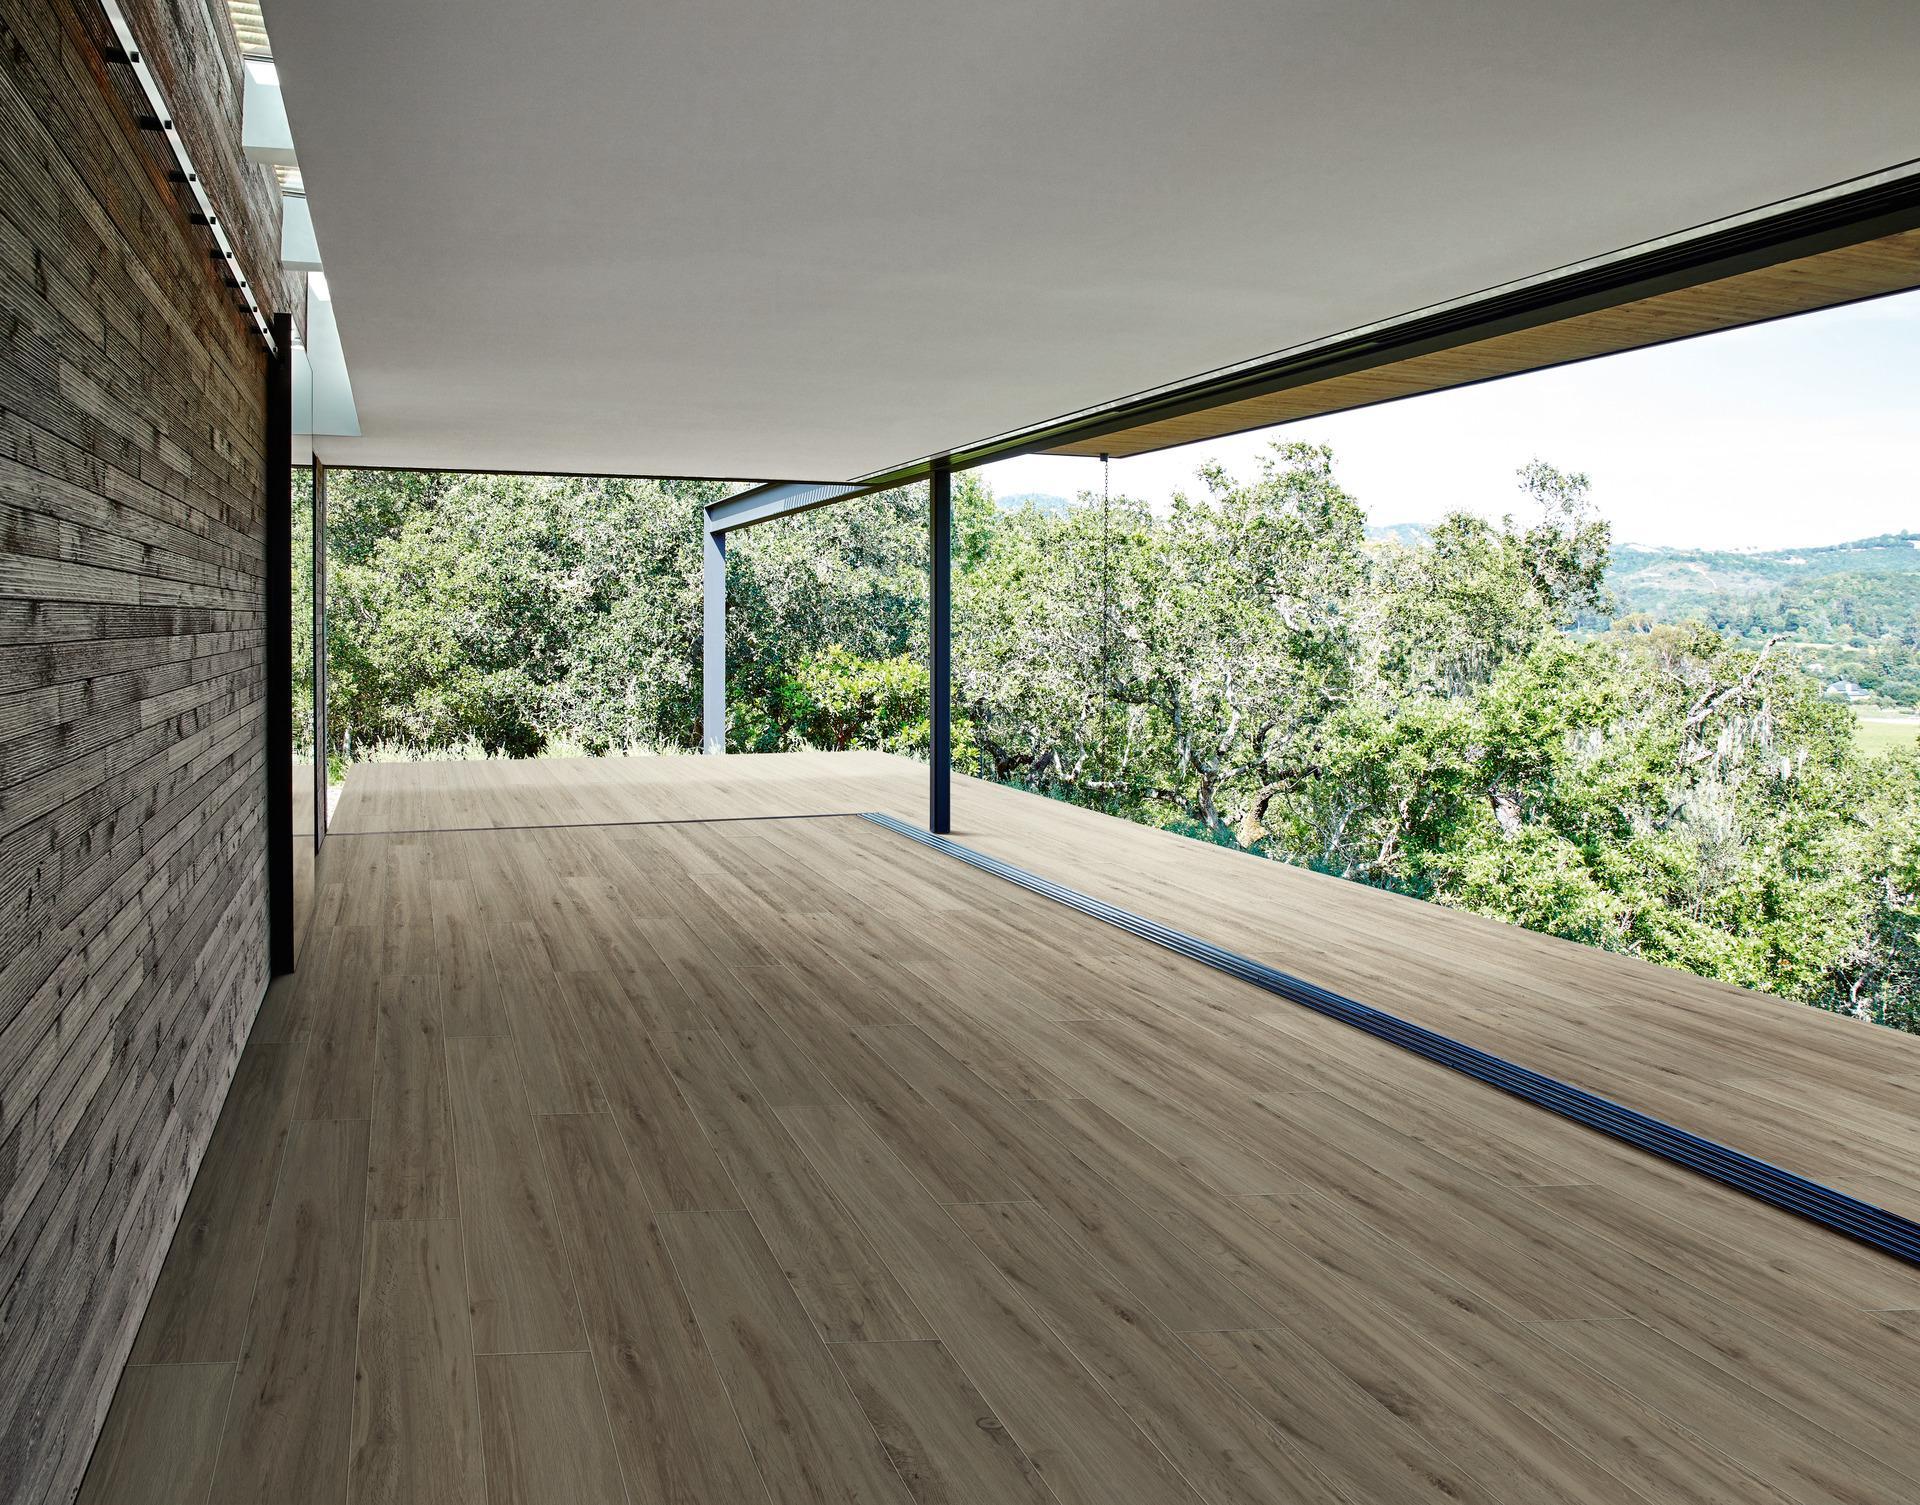 Außergewöhnlich Bodenbelag Außenbereich Frostsicher Dekoration Von Treverkview - Holzoptik - Außenbereich